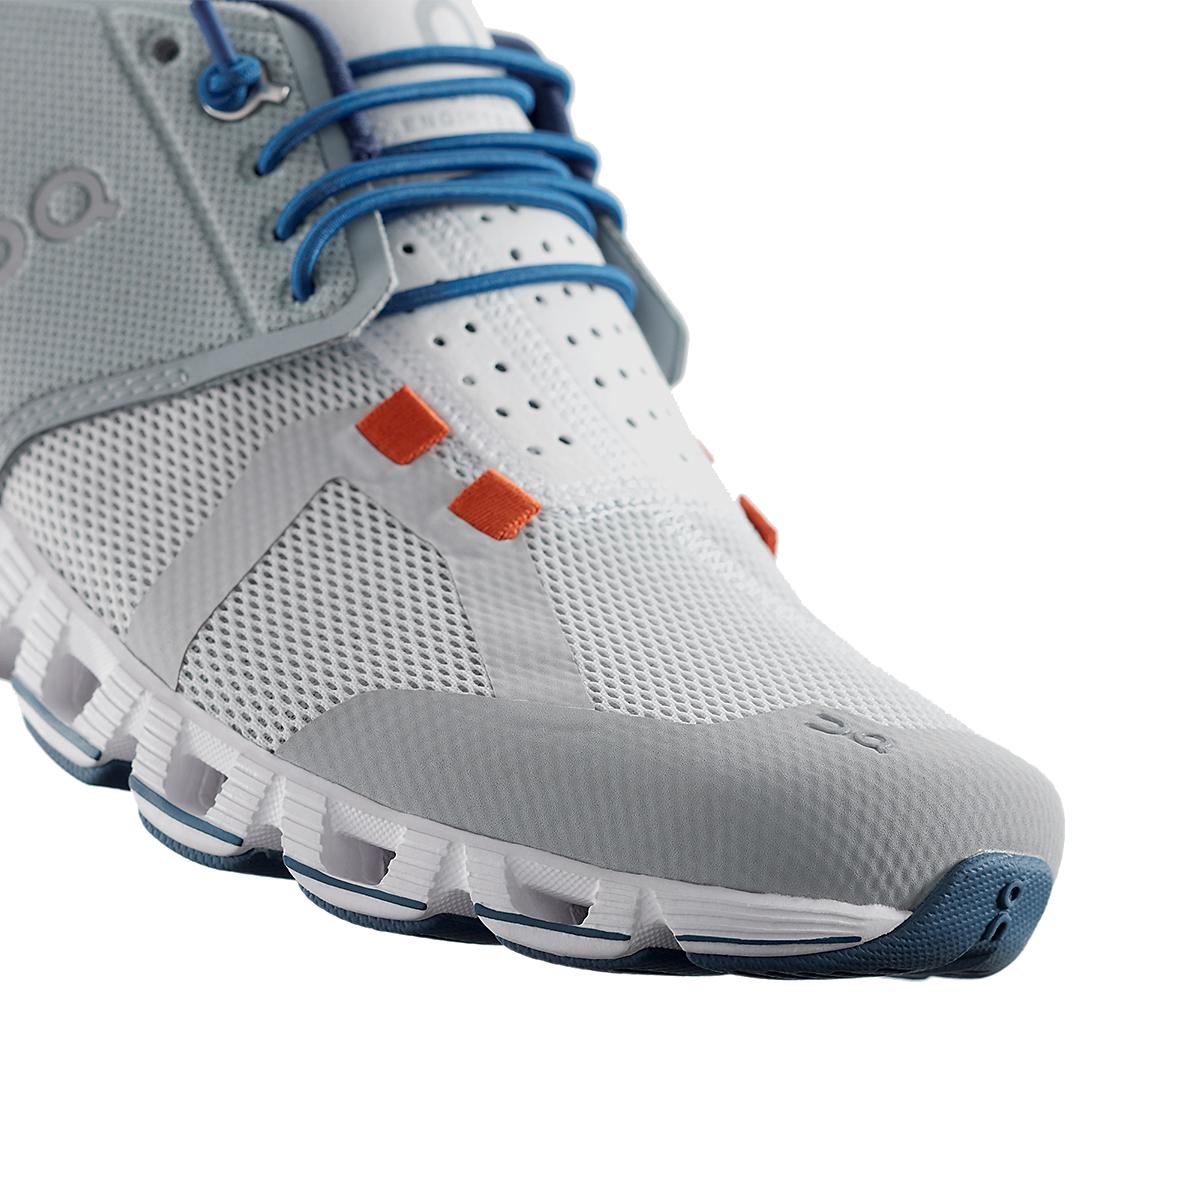 Women's On Cloud 70/30 Lifestyle Shoe - Color: Mist/Sapphire - Size: 5.5 - Width: Regular, Mist/Sapphire, large, image 3